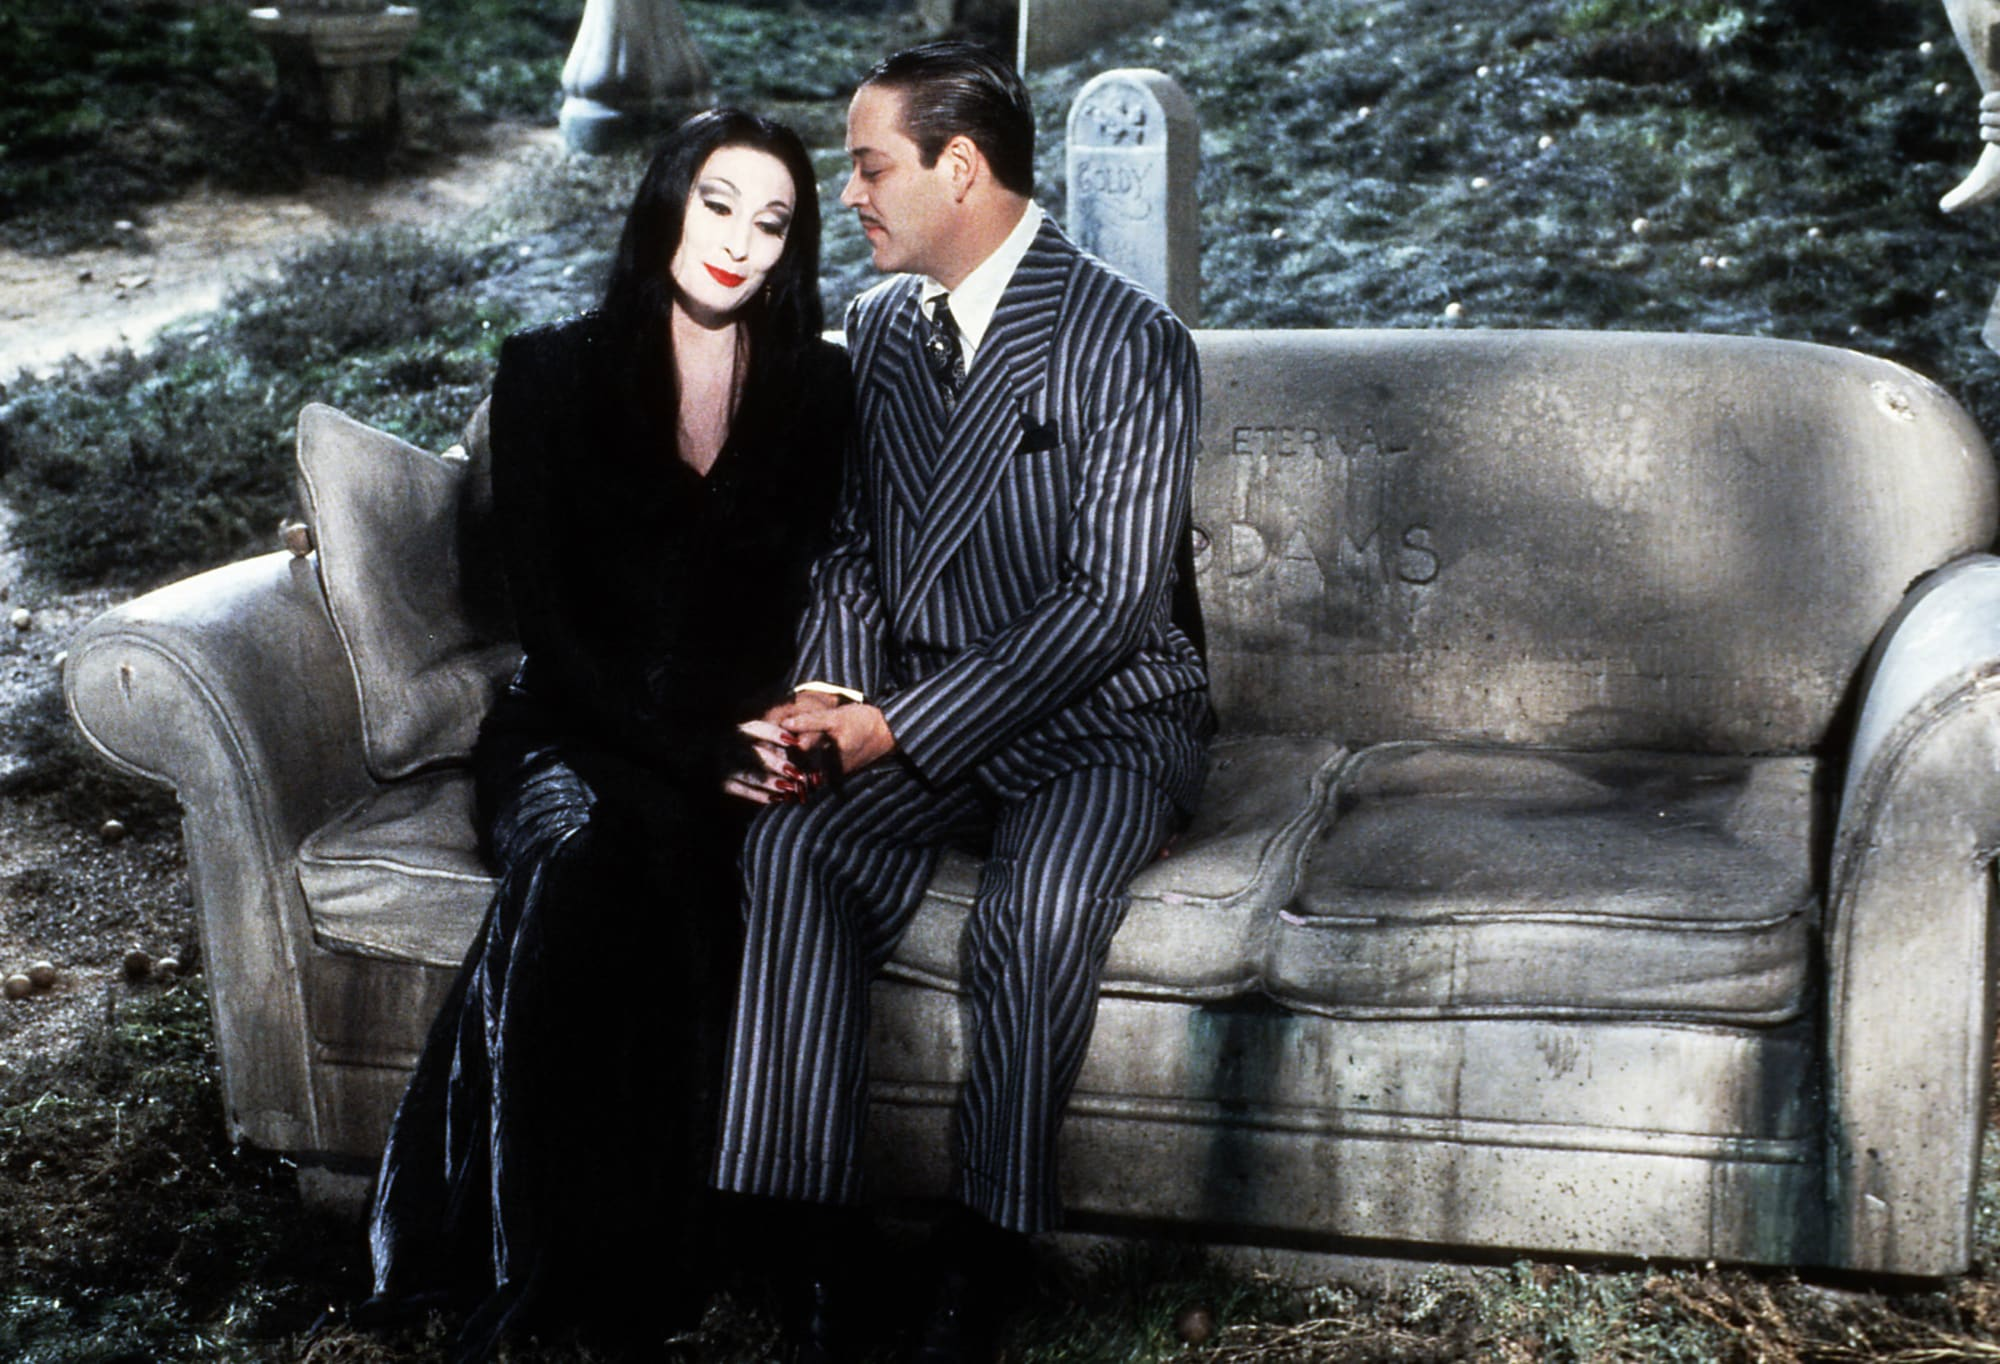 Meilleurs films d'Halloween sur Netflix qui ne font pas peur